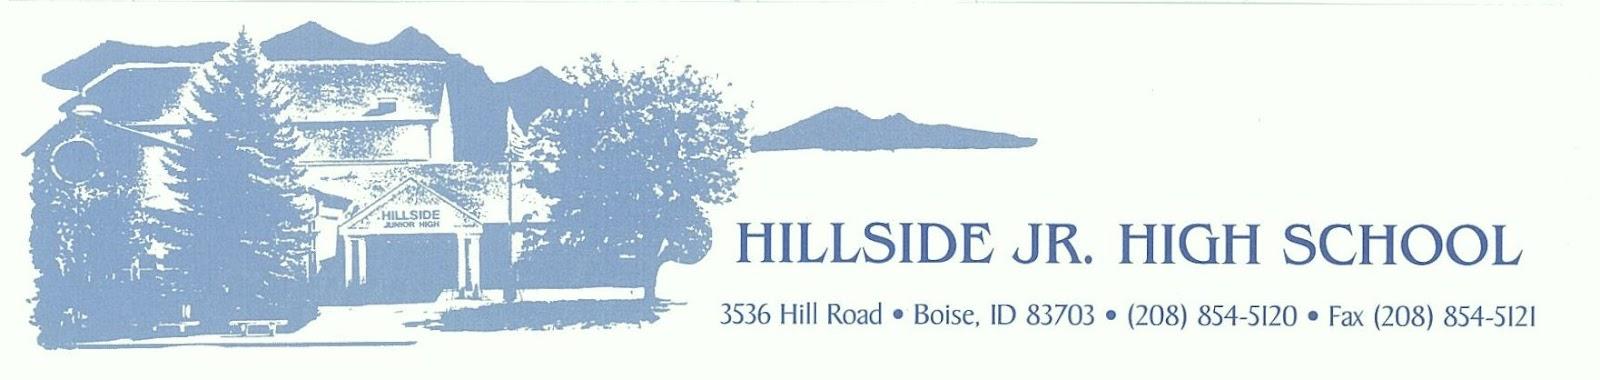 Hillside Letterhead.jpg